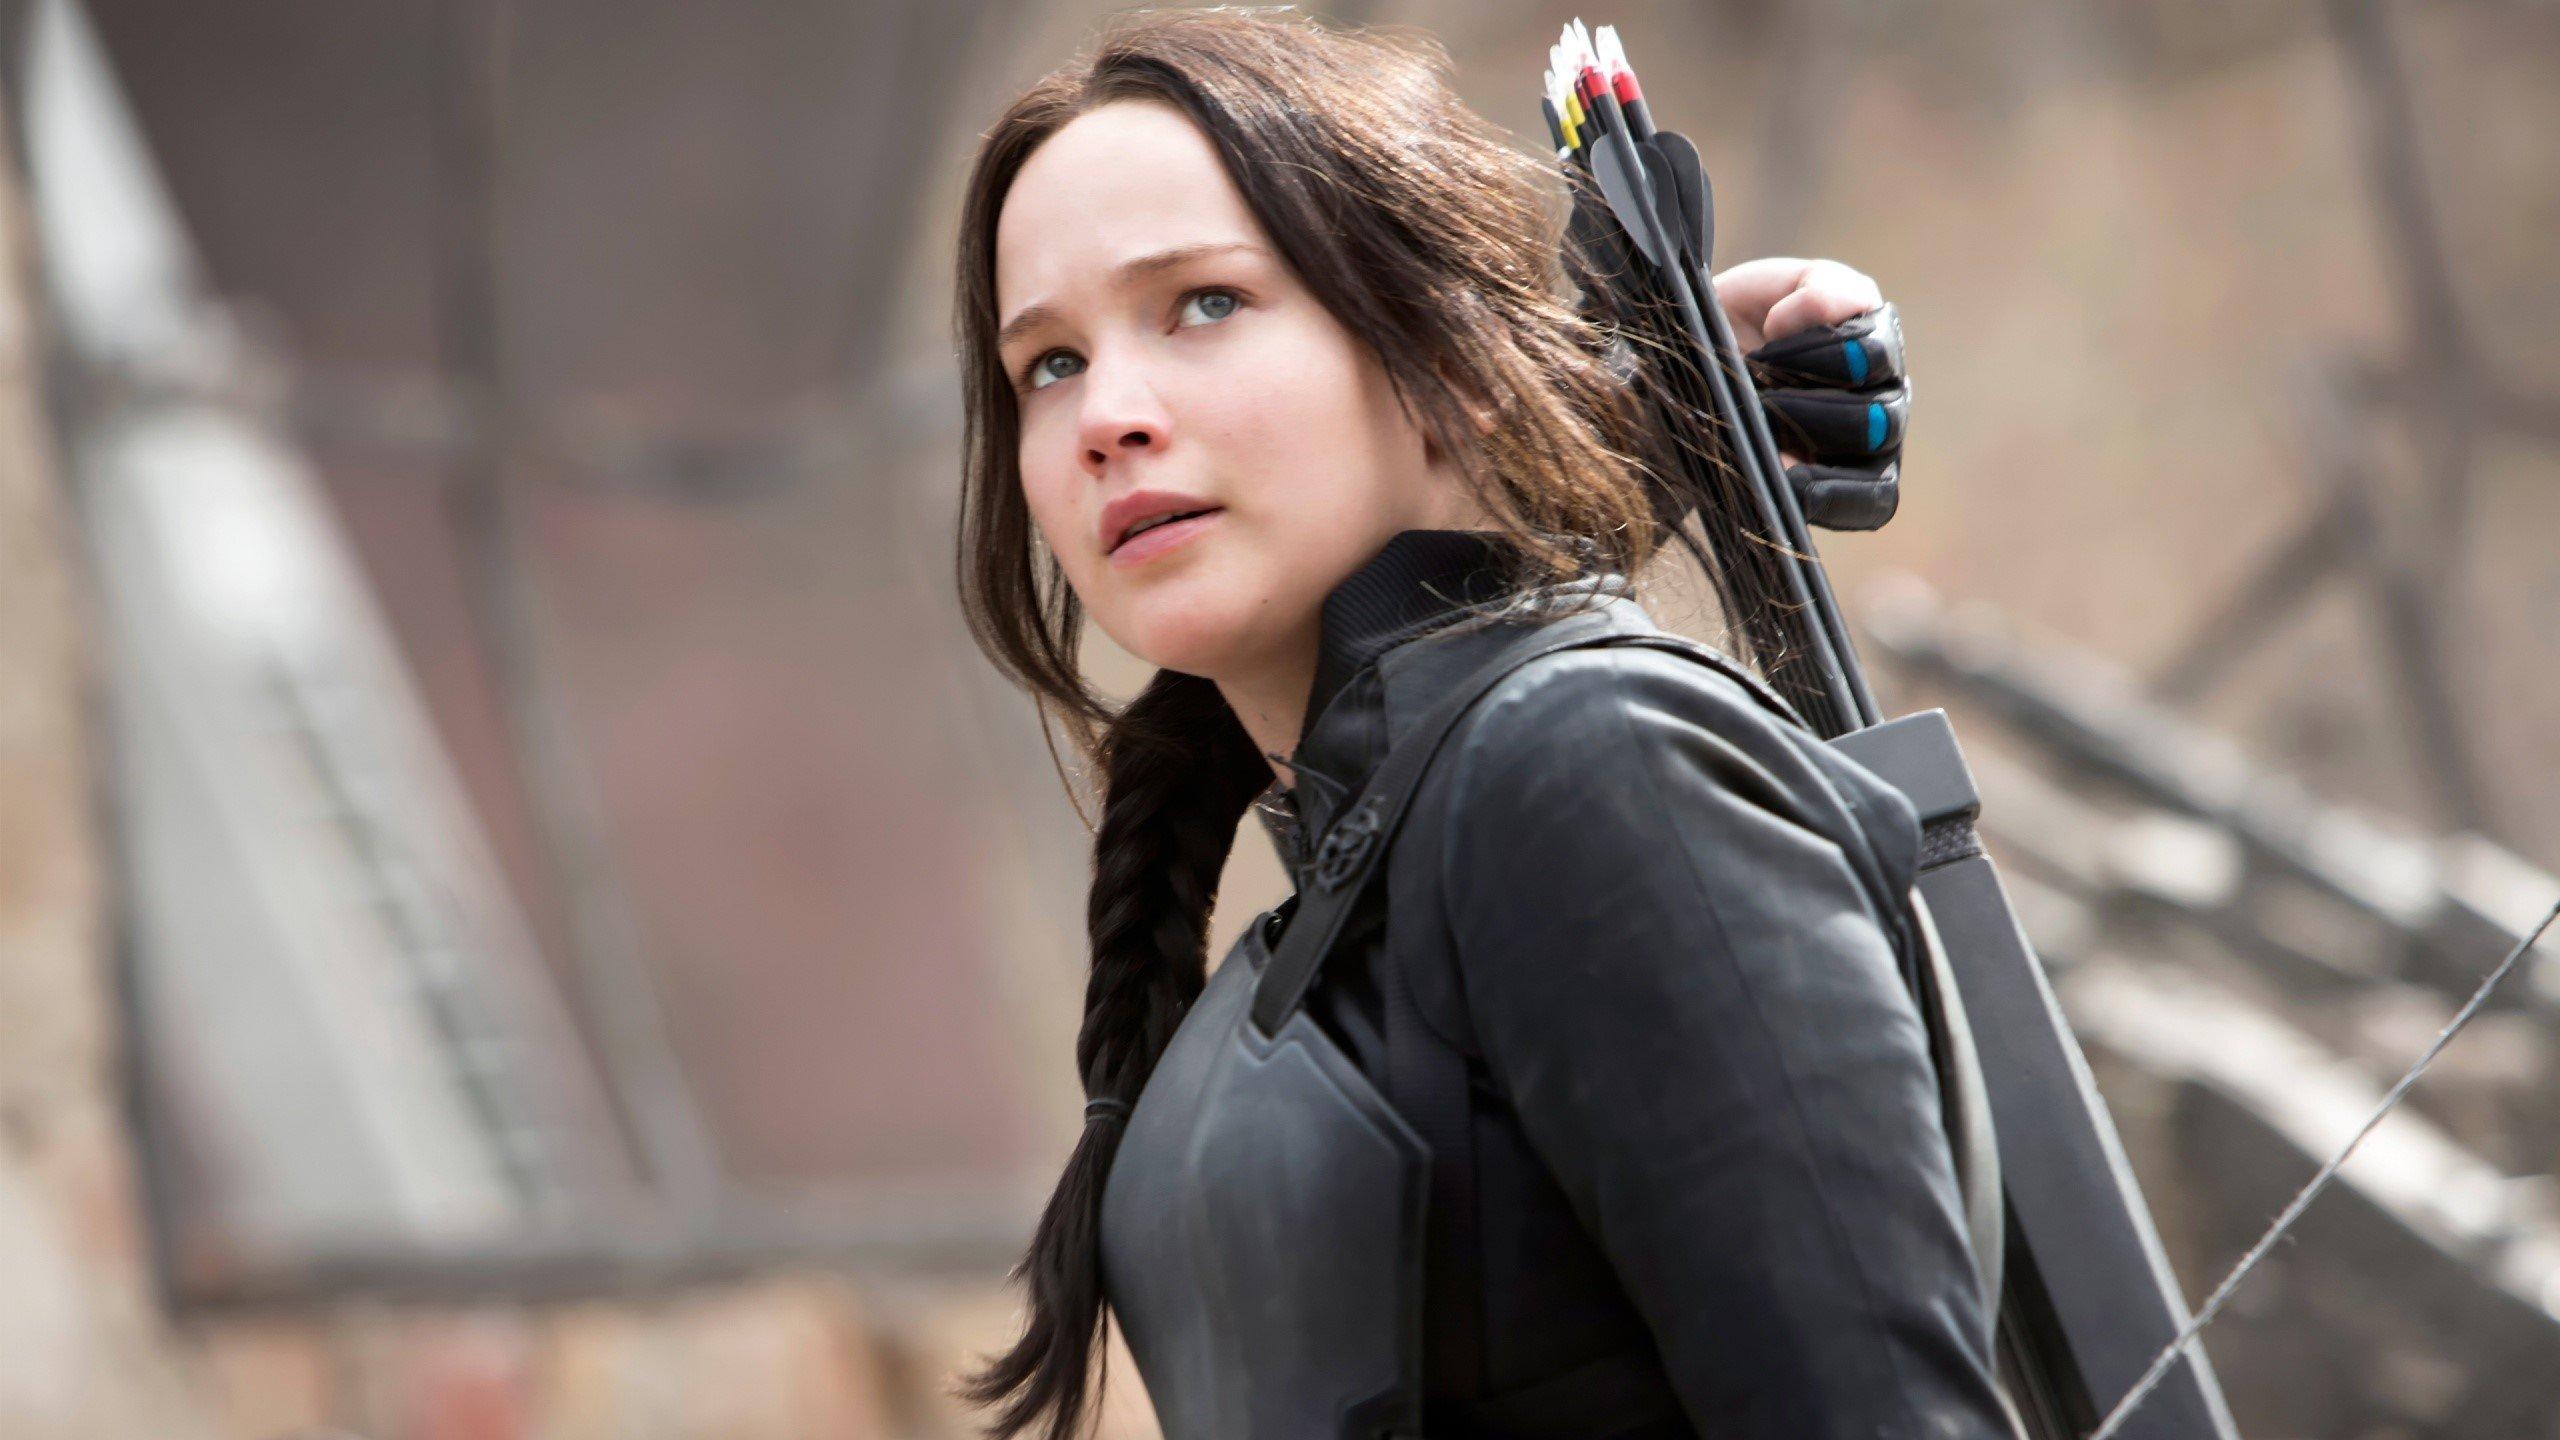 Wallpaper Jennifer Lawrence as Katniss Everdeen